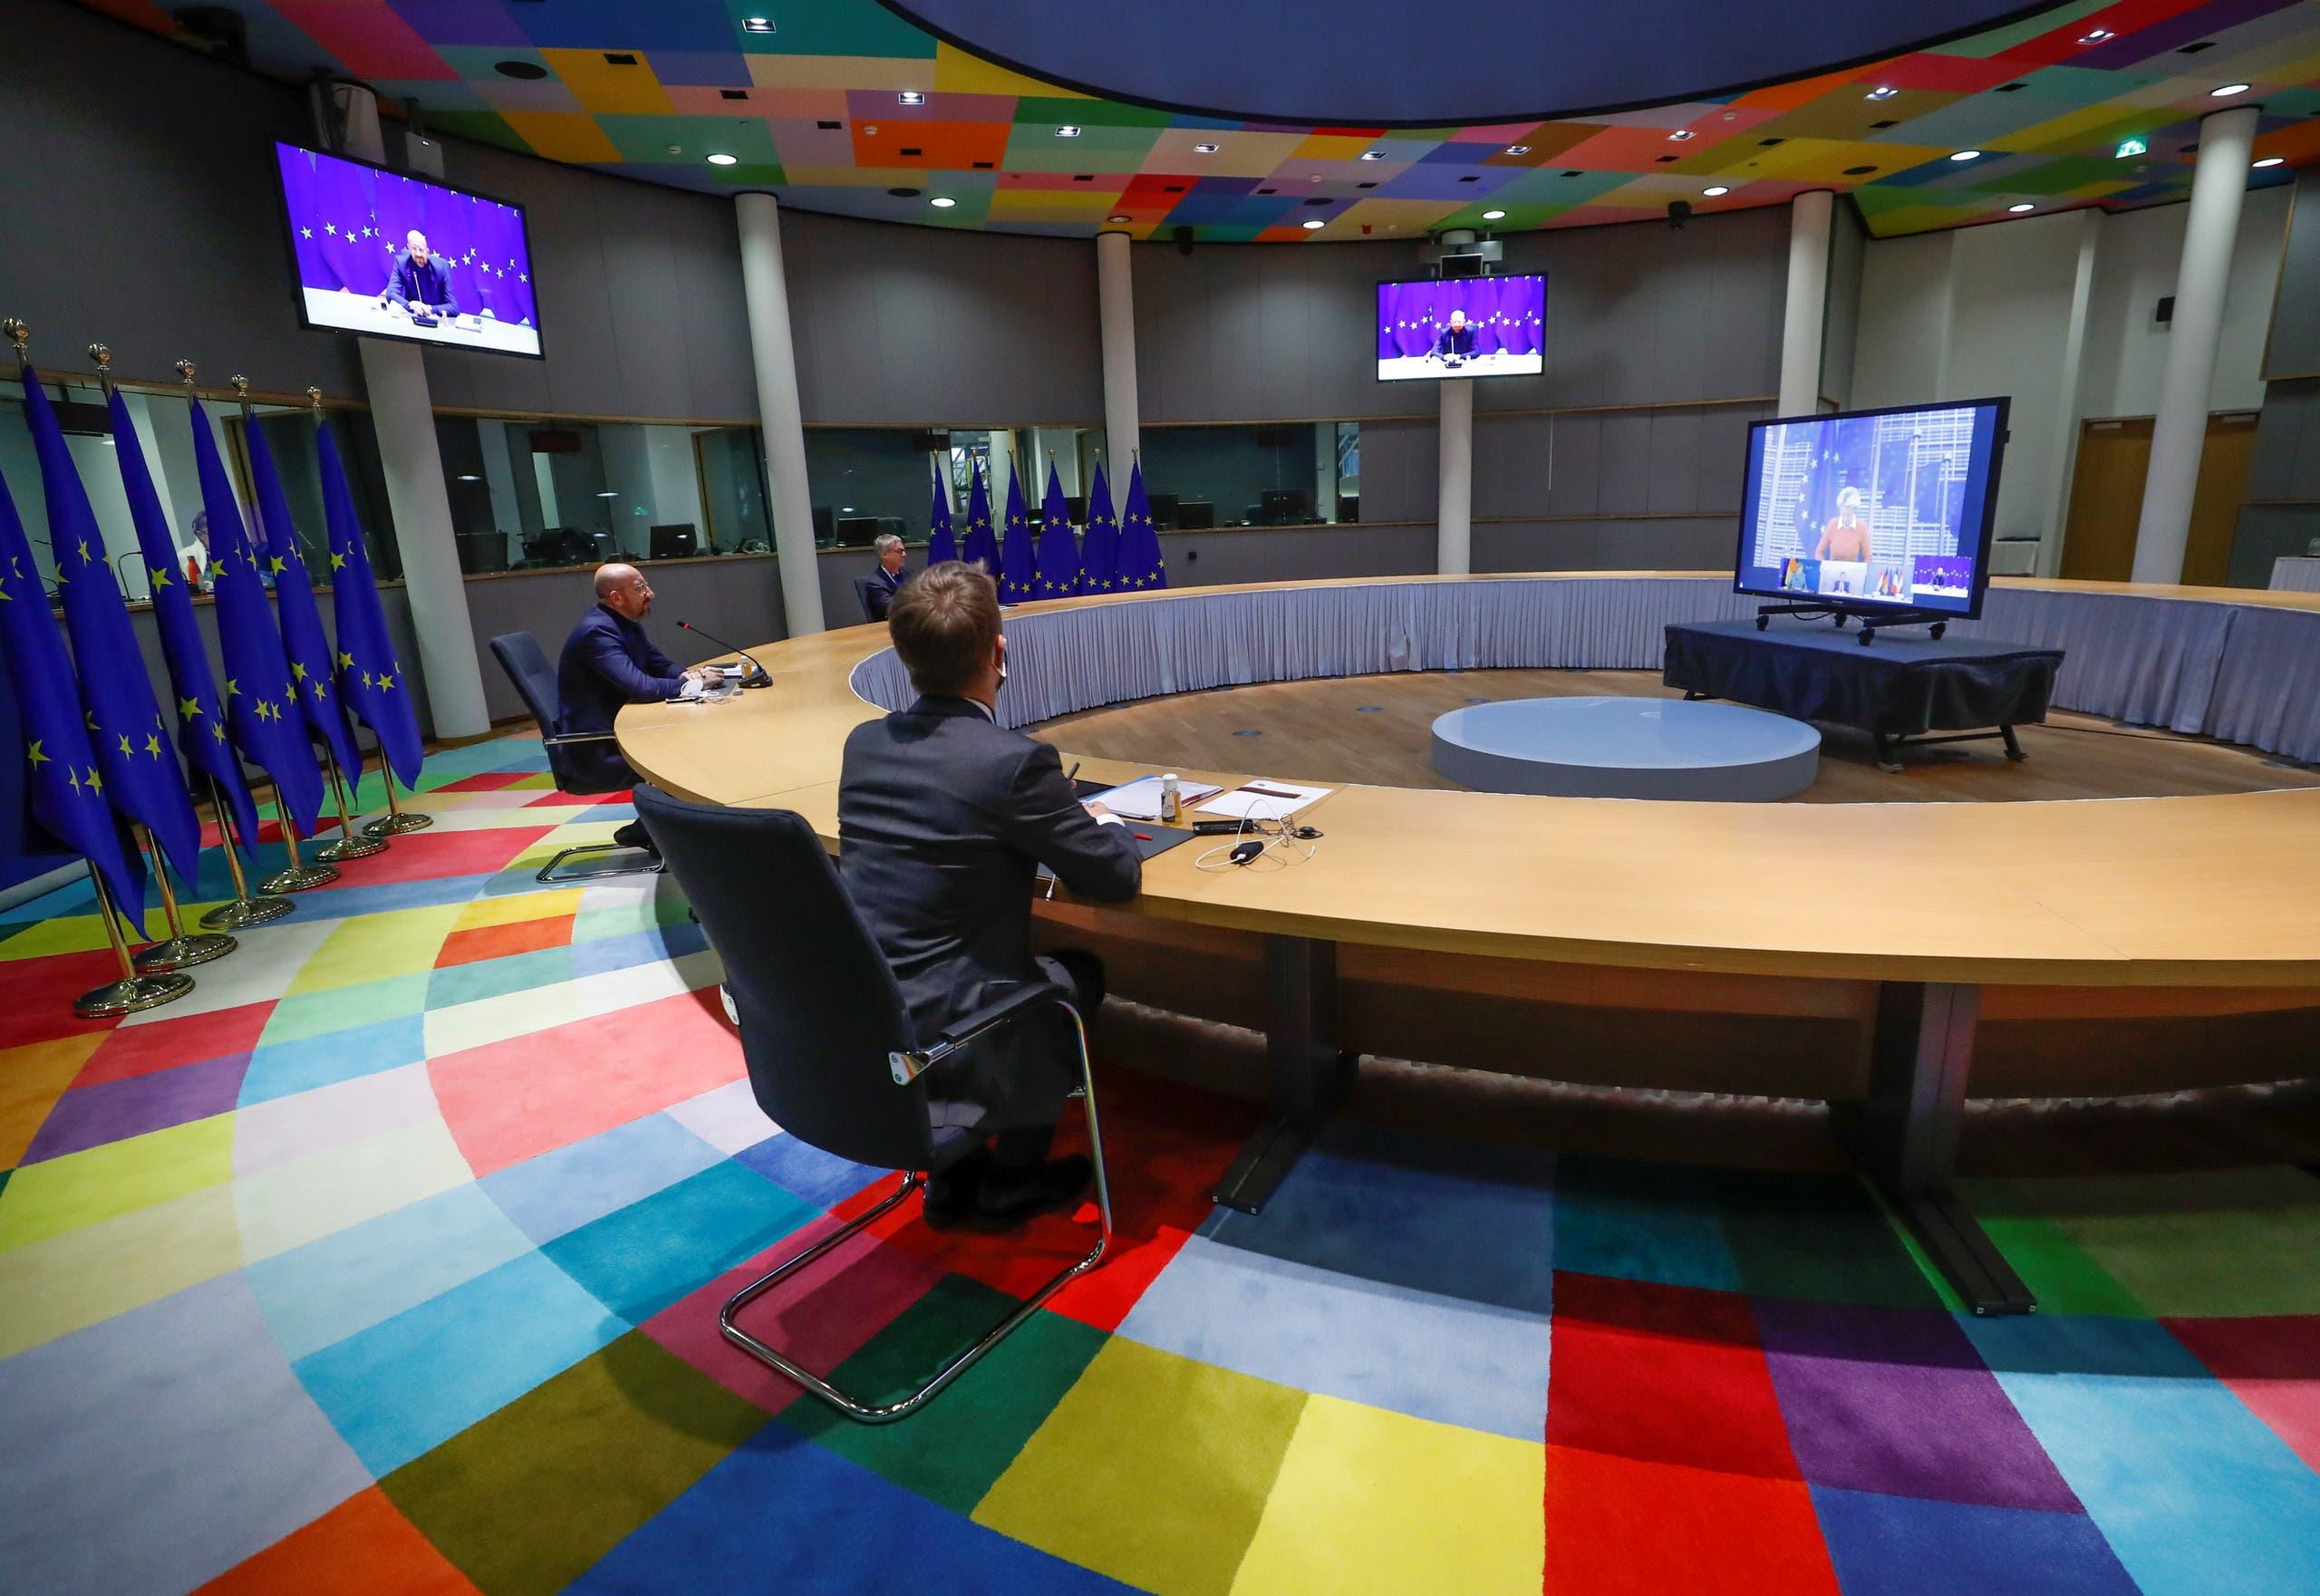 رئيس المجلس الأوروبي شارل ميشيل يشارك في القمة من مقر المفوضية الأوروبية